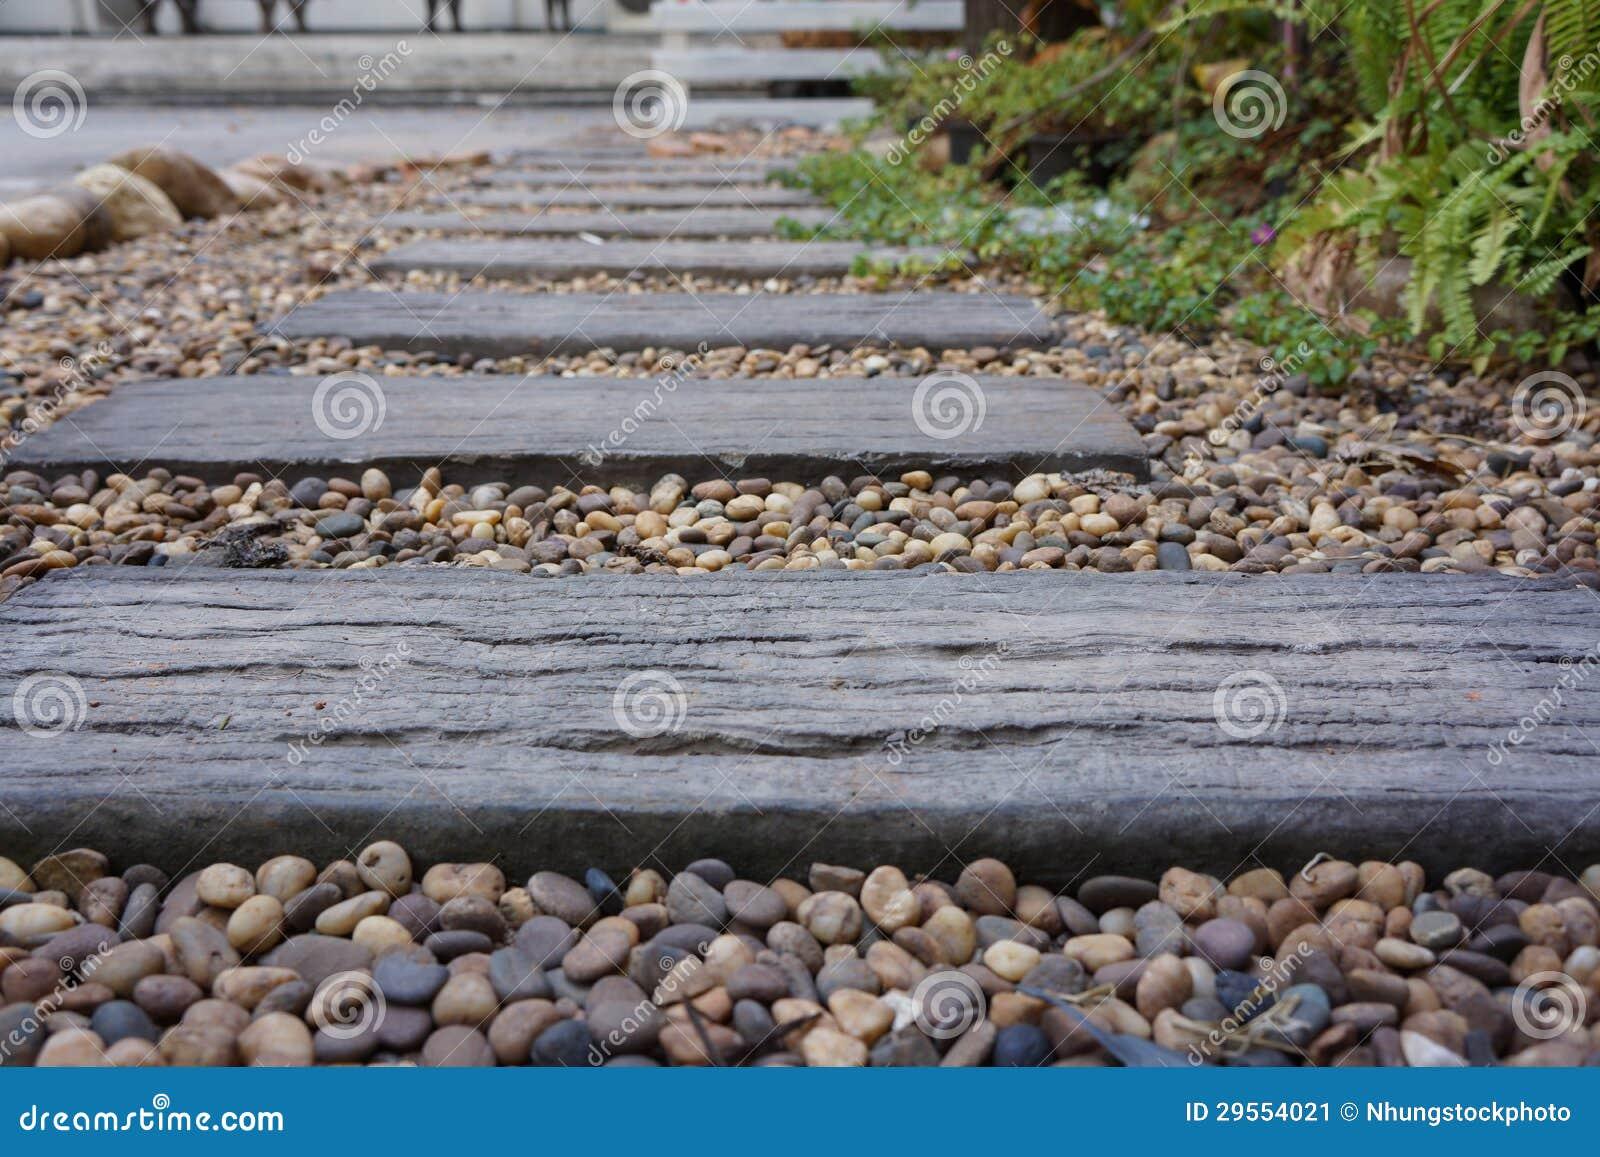 Camino de madera en jard n imagen de archivo imagen for Camino de piedra jardin